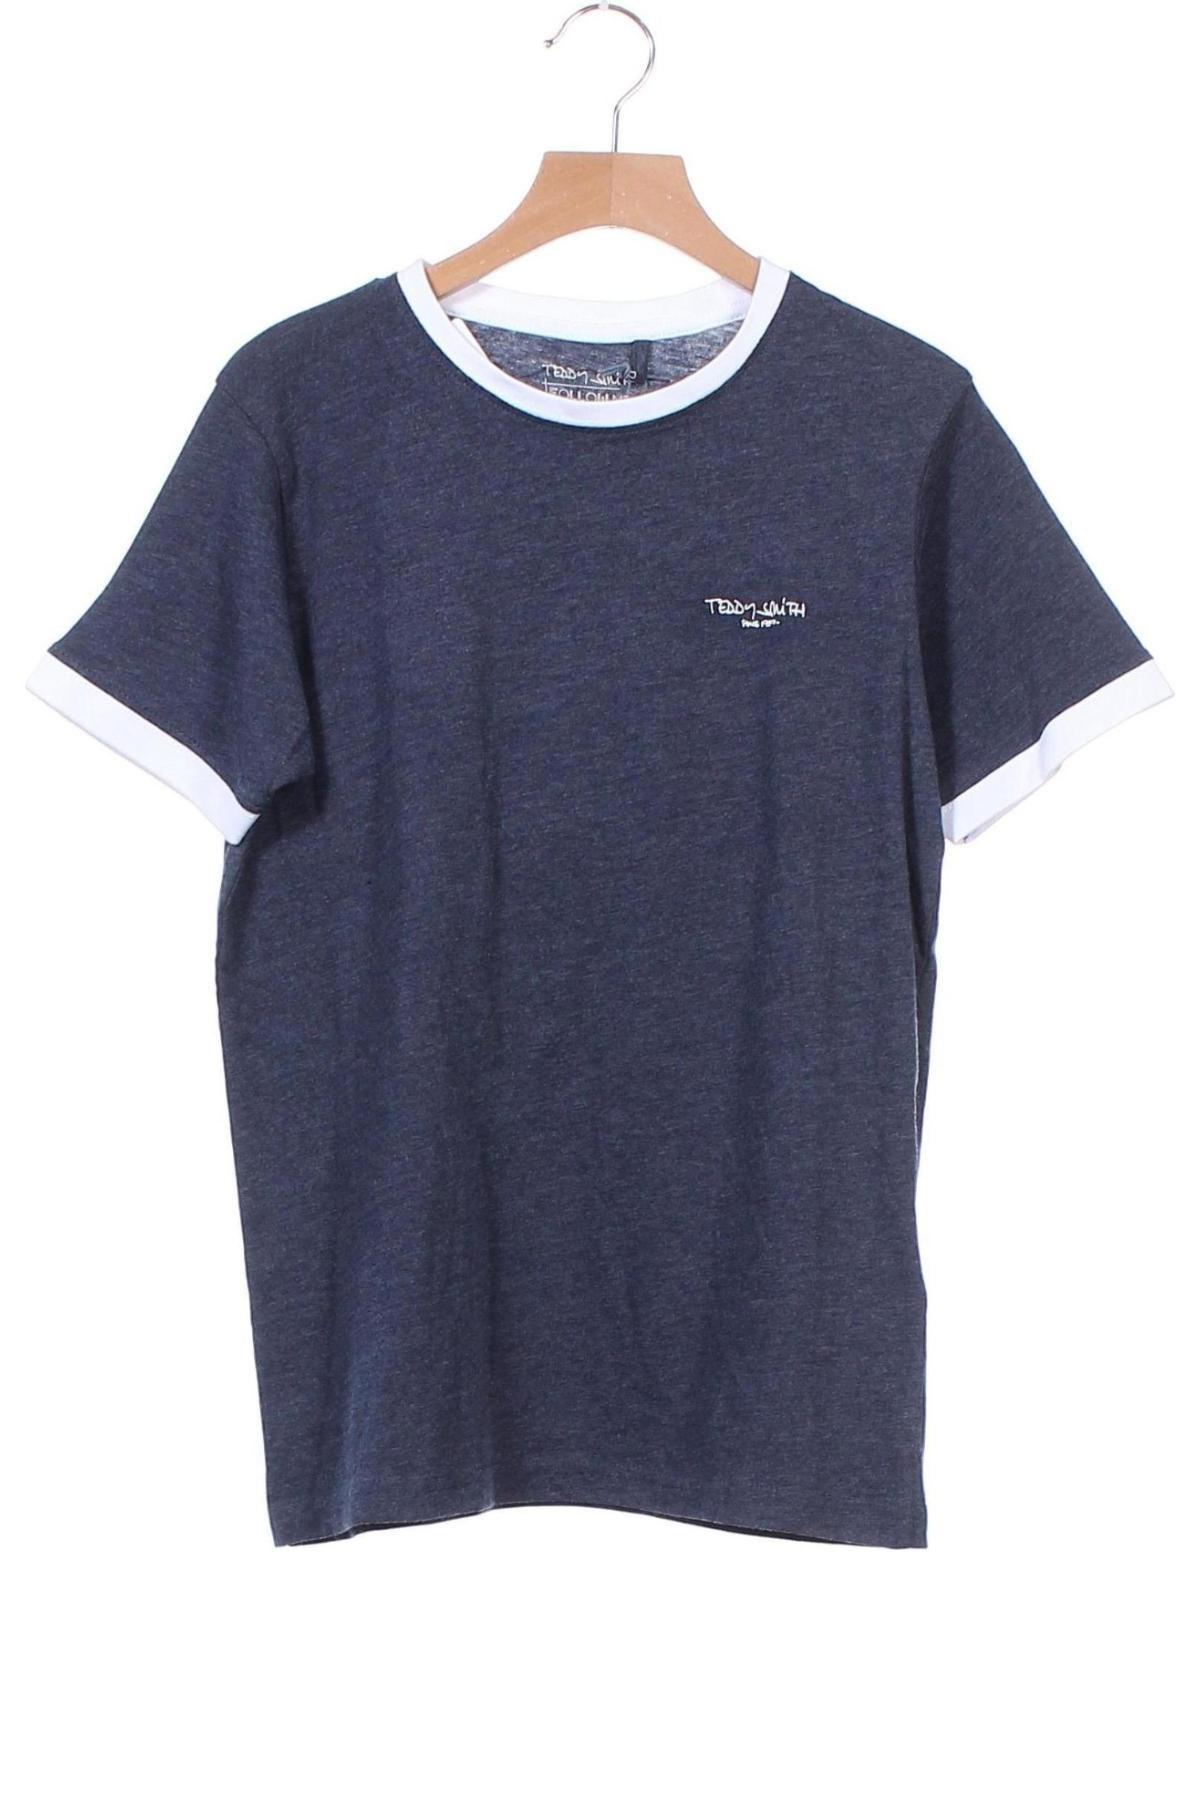 Παιδικό μπλουζάκι Teddy Smith, Μέγεθος 12-13y/ 158-164 εκ., Χρώμα Μπλέ, 60% βαμβάκι, 40% πολυεστέρας, Τιμή 10,17€